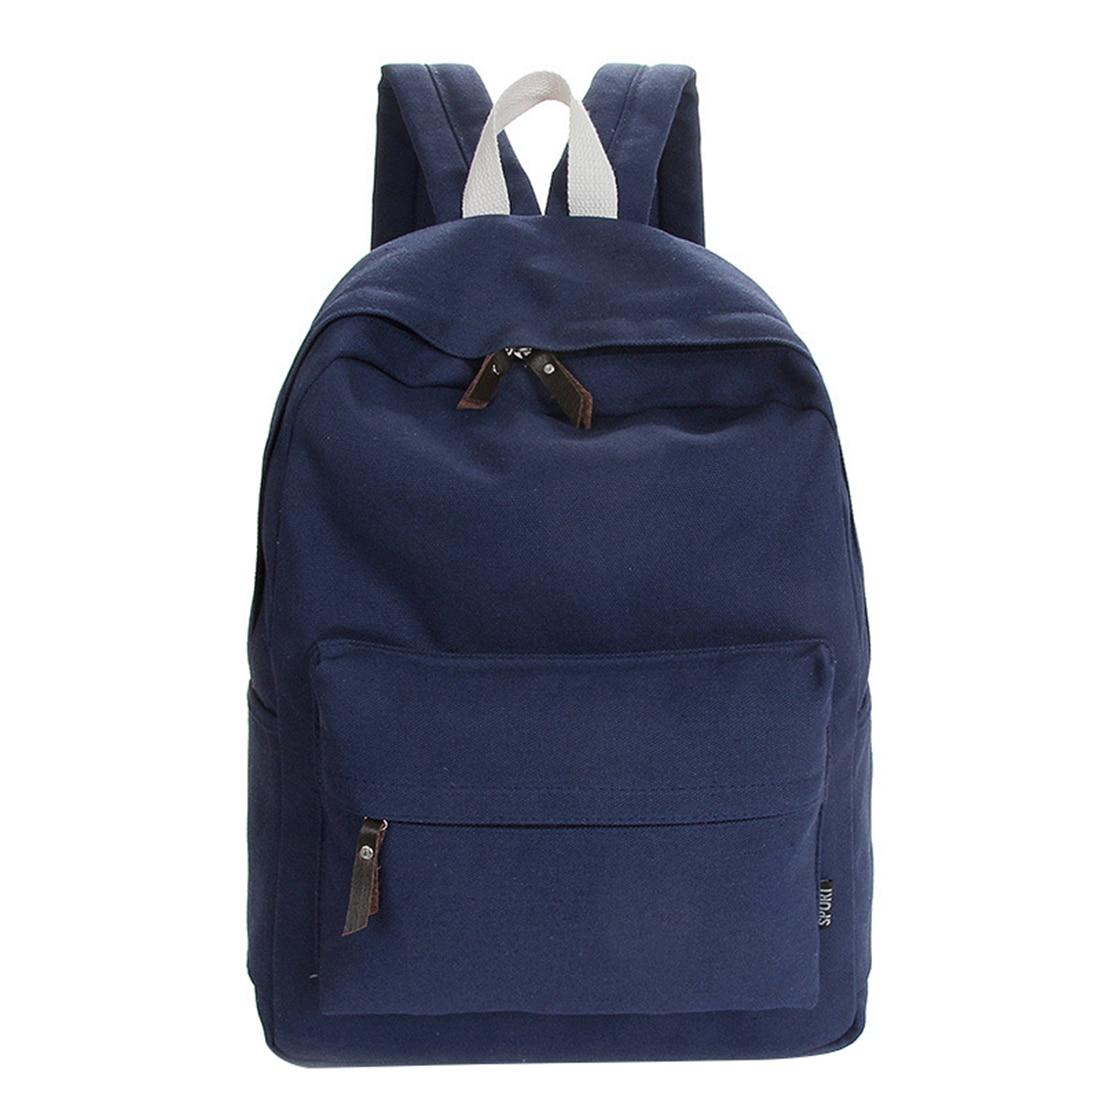 Casual Canvas Backpack school bag for girls and boys unisex backpack shoulder bag